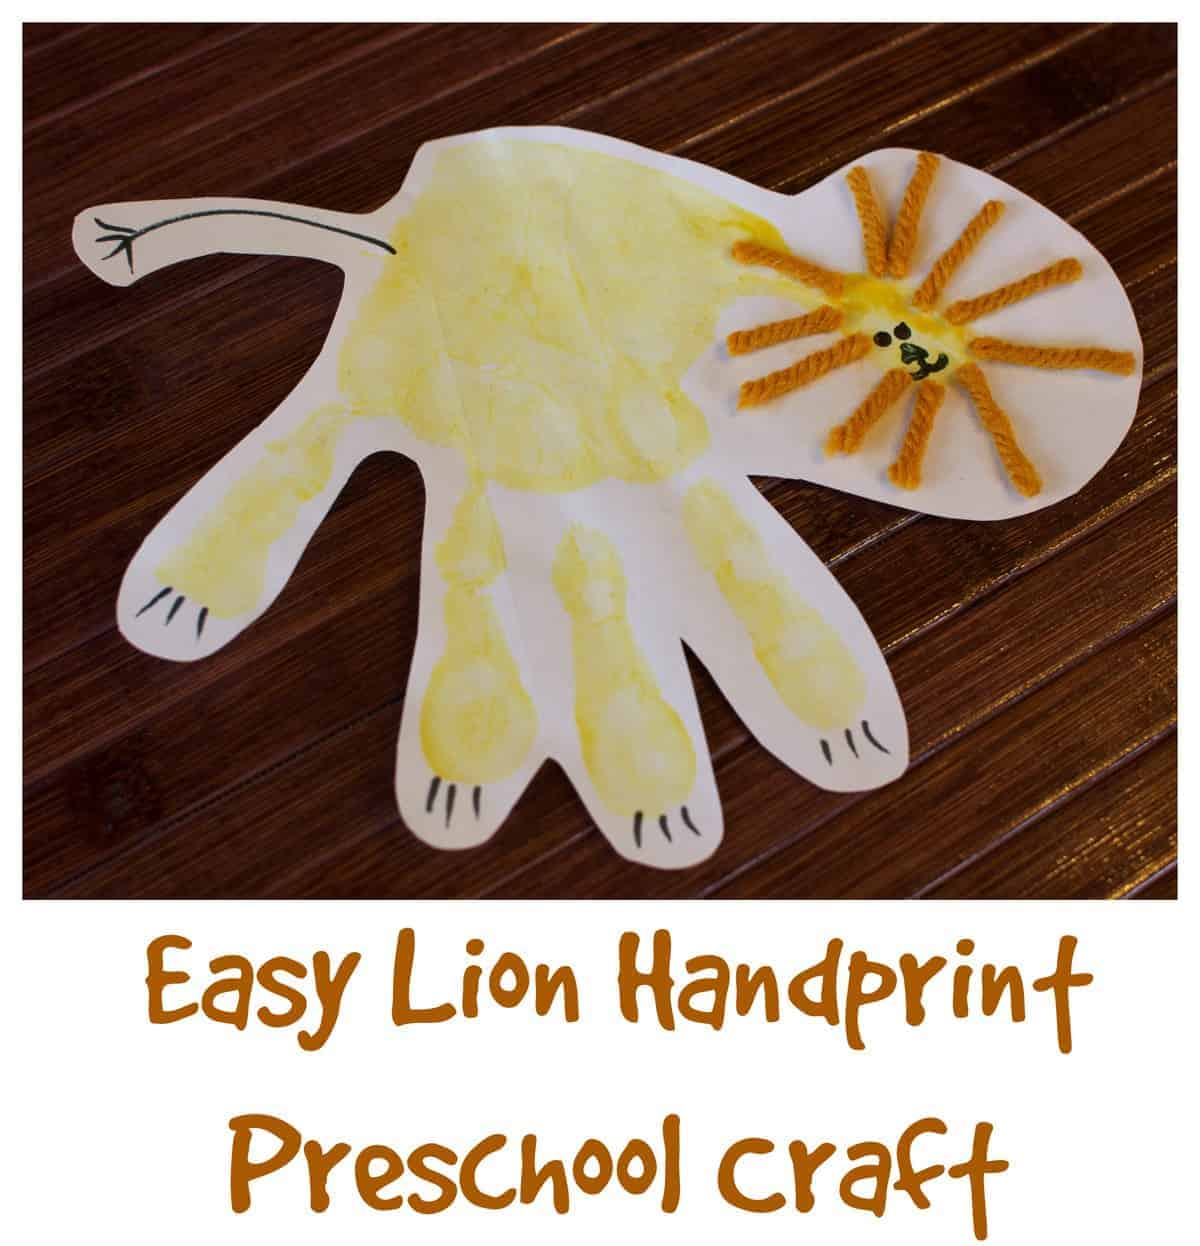 LionHandprintPreschoolCraft